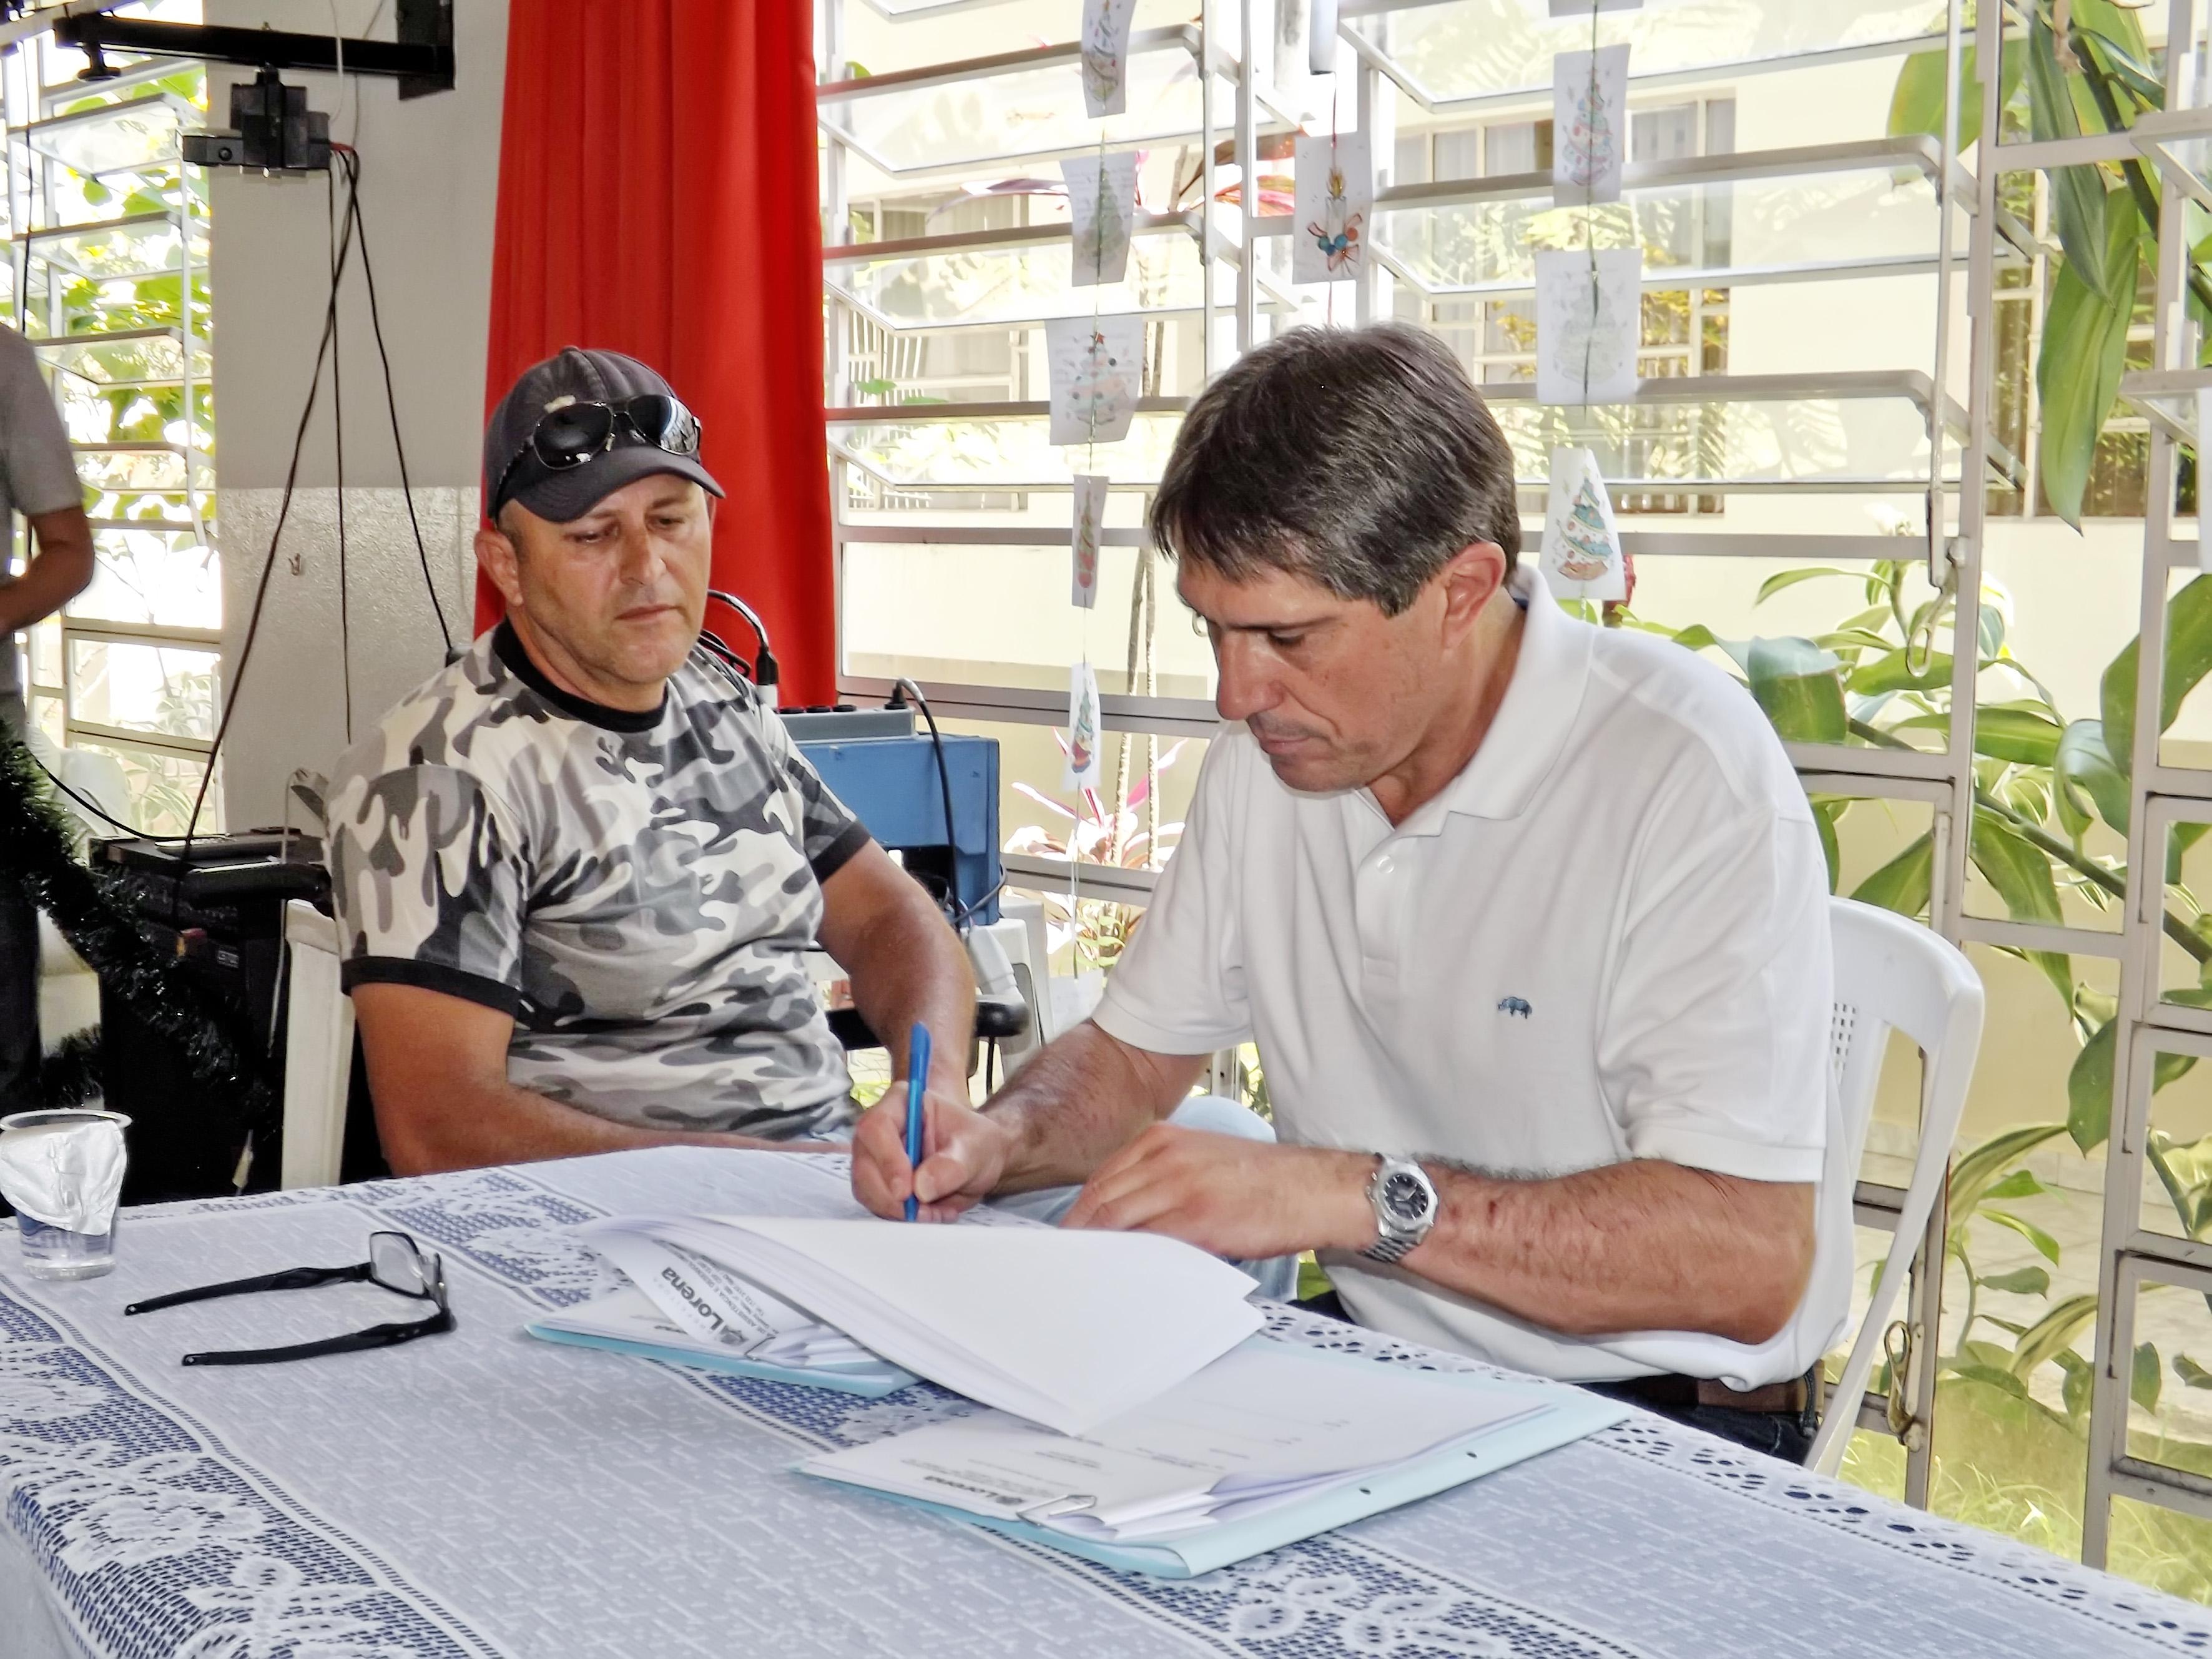 O prefeito Fábio Marcondes assina repasse de verba para entidades assistenciais de Lorena; auxílio financeiro atenderá 13 instituições (Foto: Lucas Barbosa)